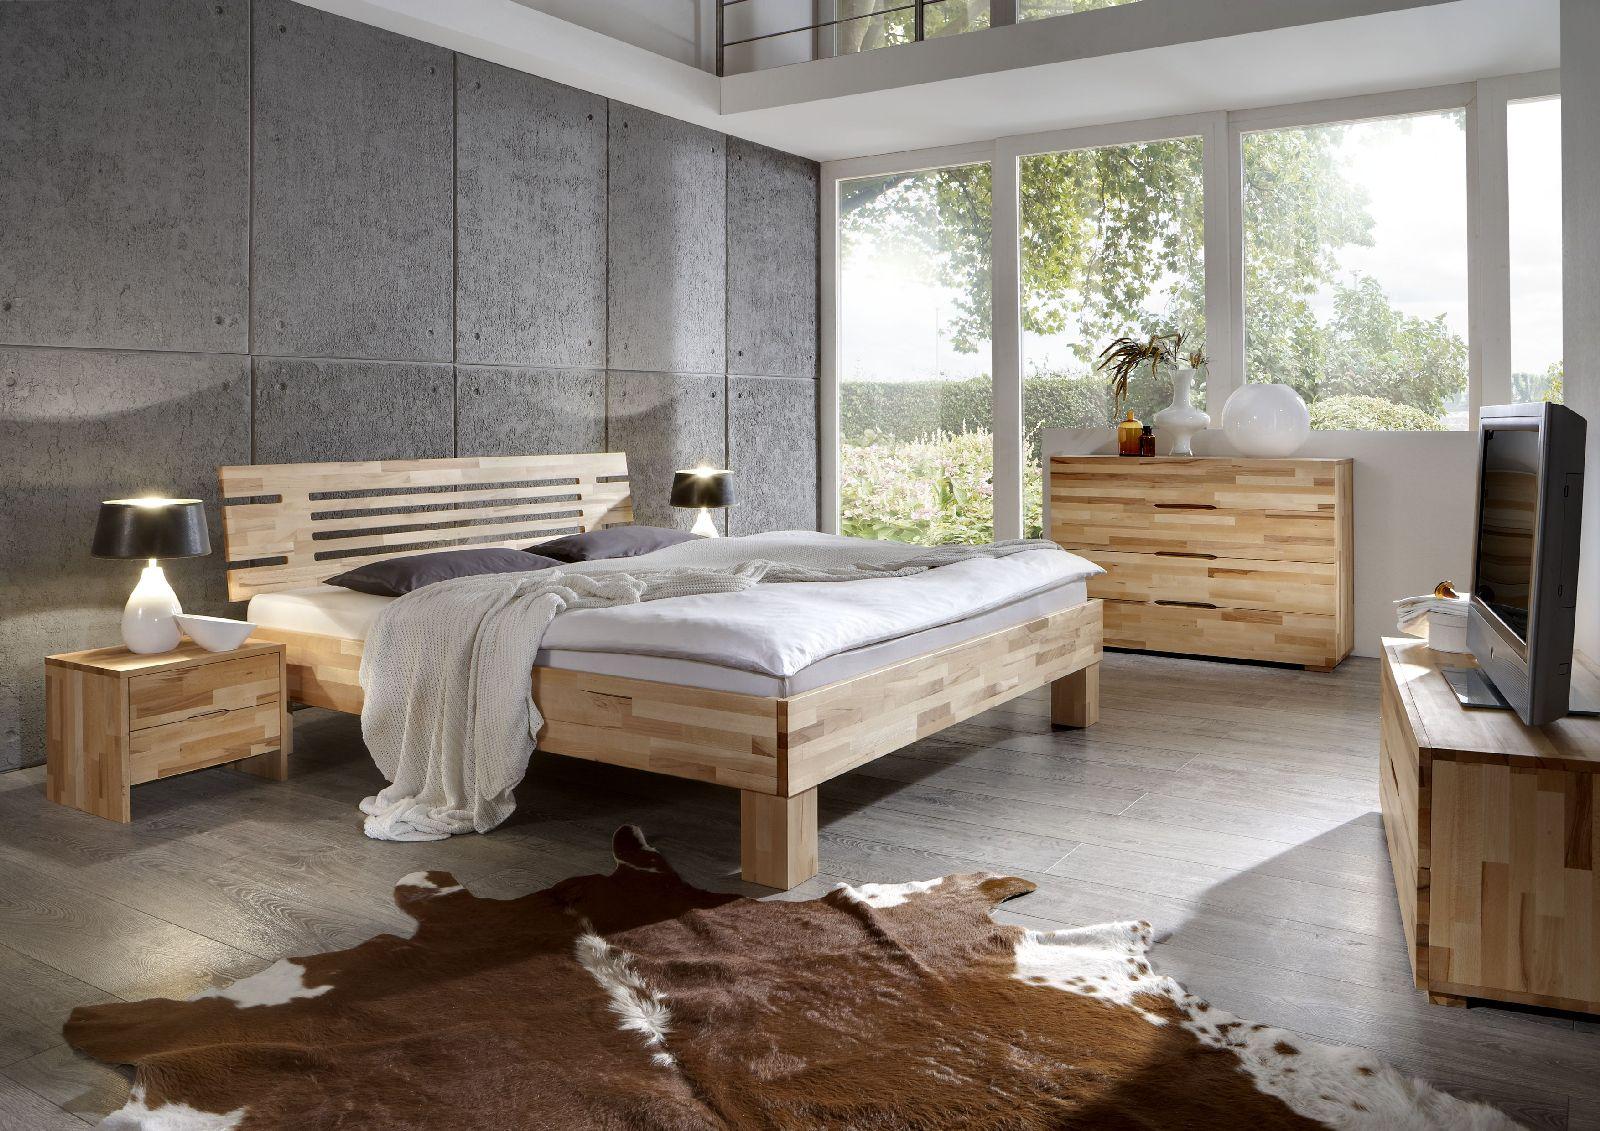 Full Size of Bett 200x220 Massivholzbett Schlafzimmerbett Lando Kernbuche 200x200 Ausklappbar Even Better Clinique Stauraum 160x200 Amazon Betten 220 X 200 Weiß 120x200 Bett Bett 200x220